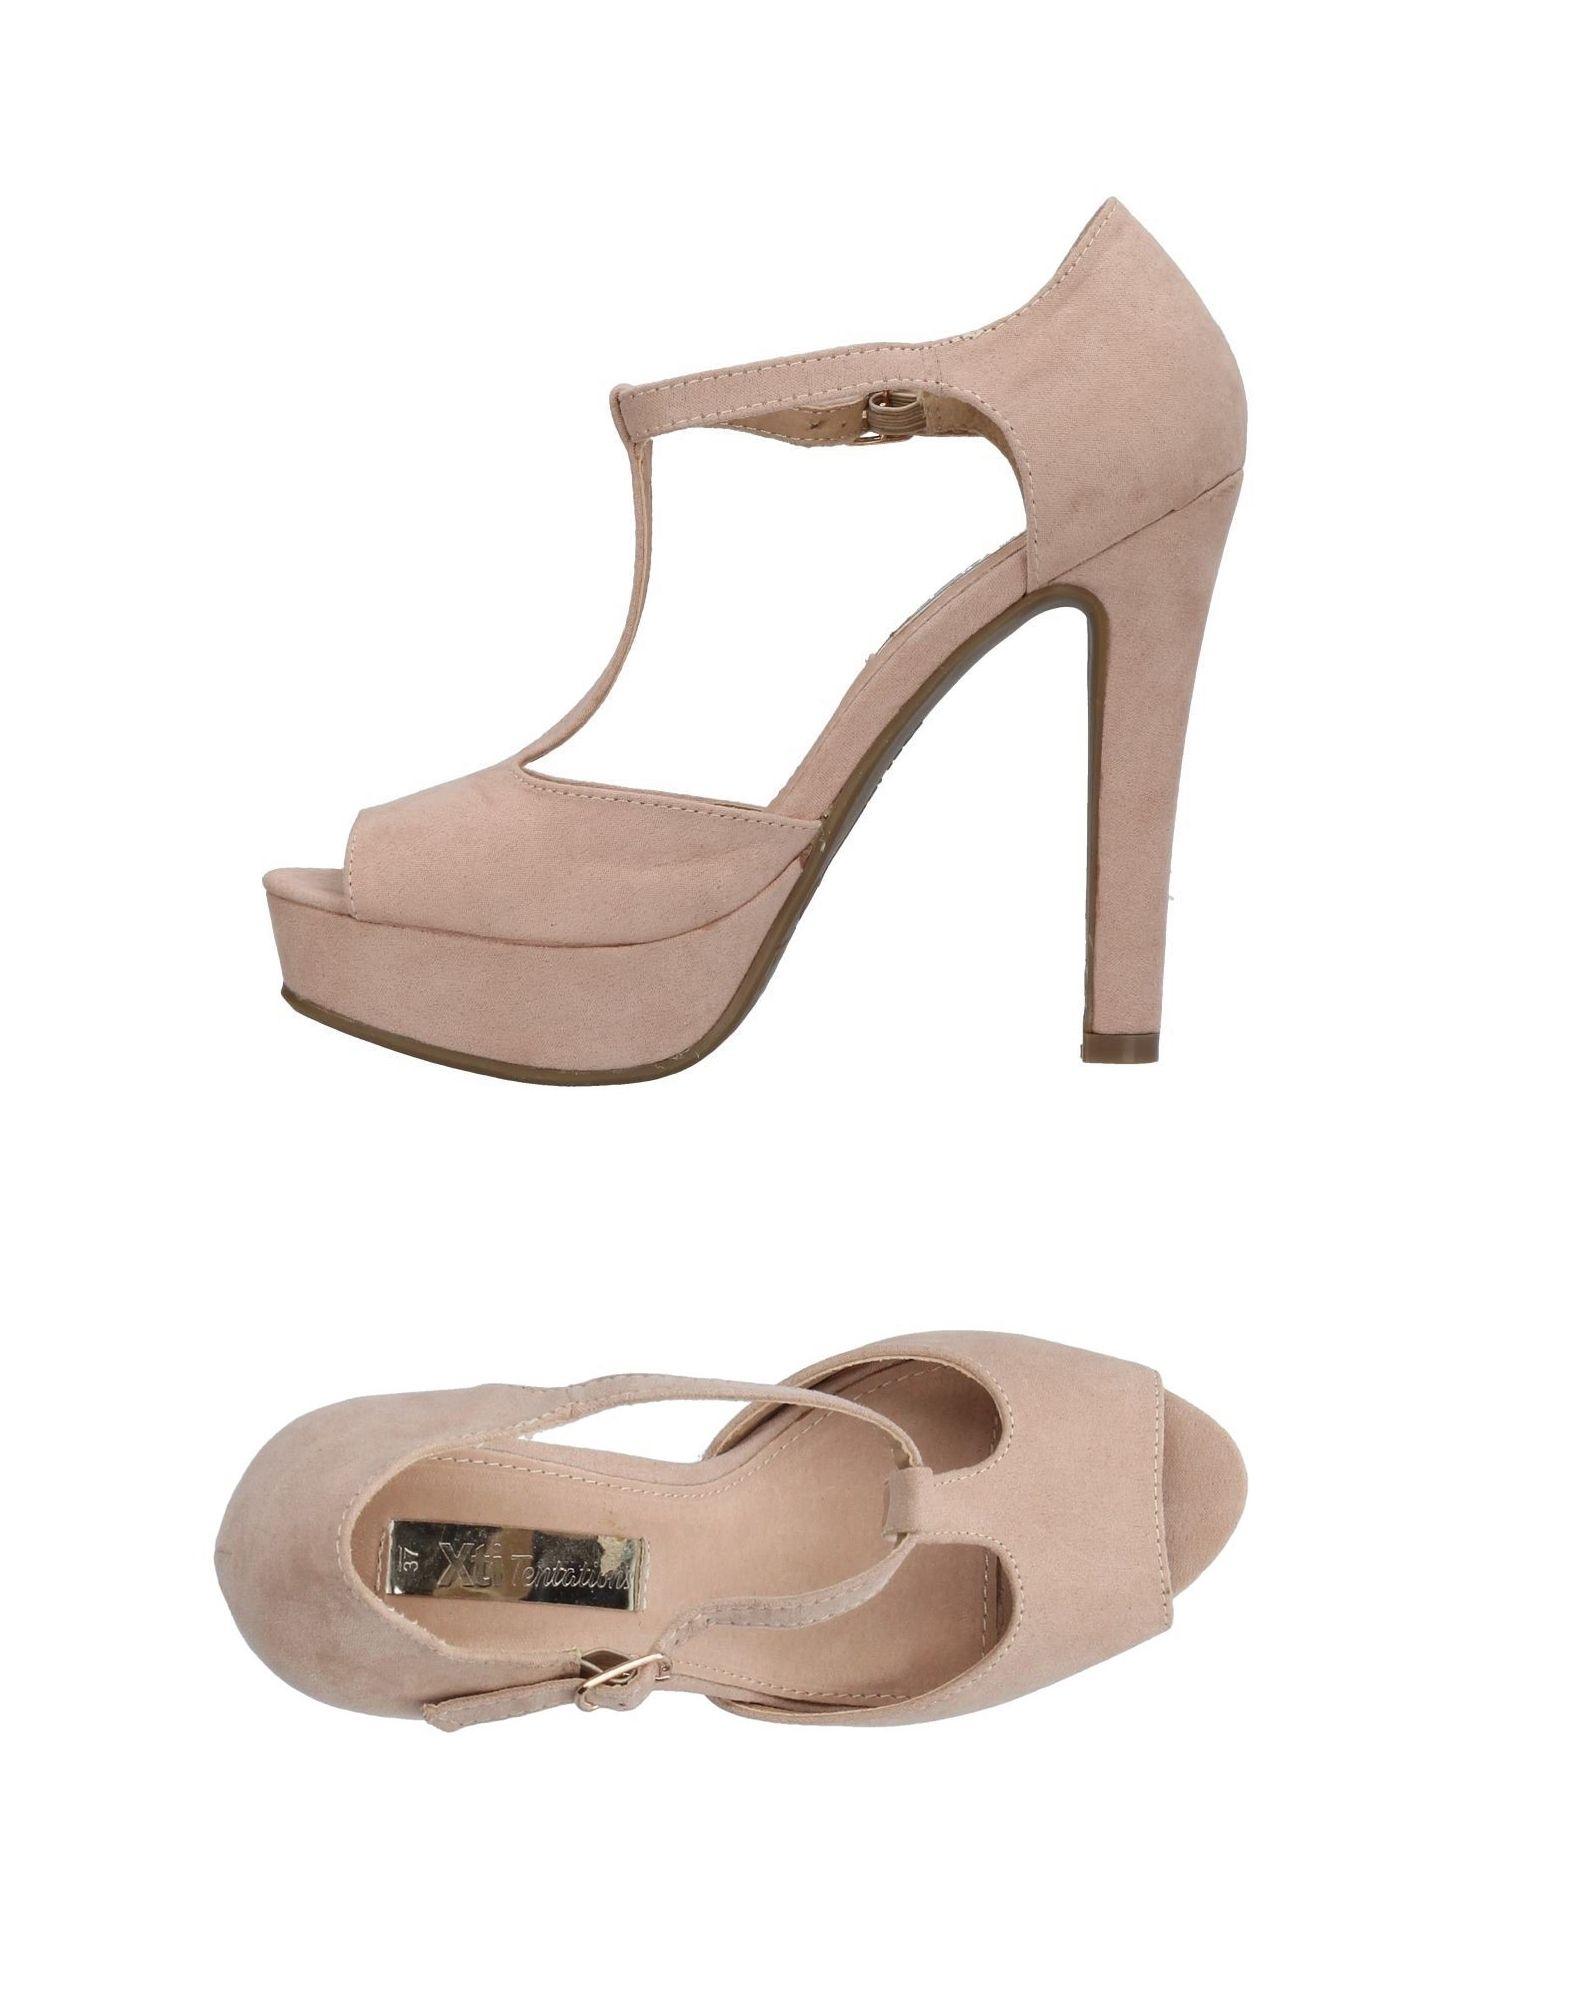 Moda Sandali Sandali Moda Xti Donna - 11390645KM 9b49b2